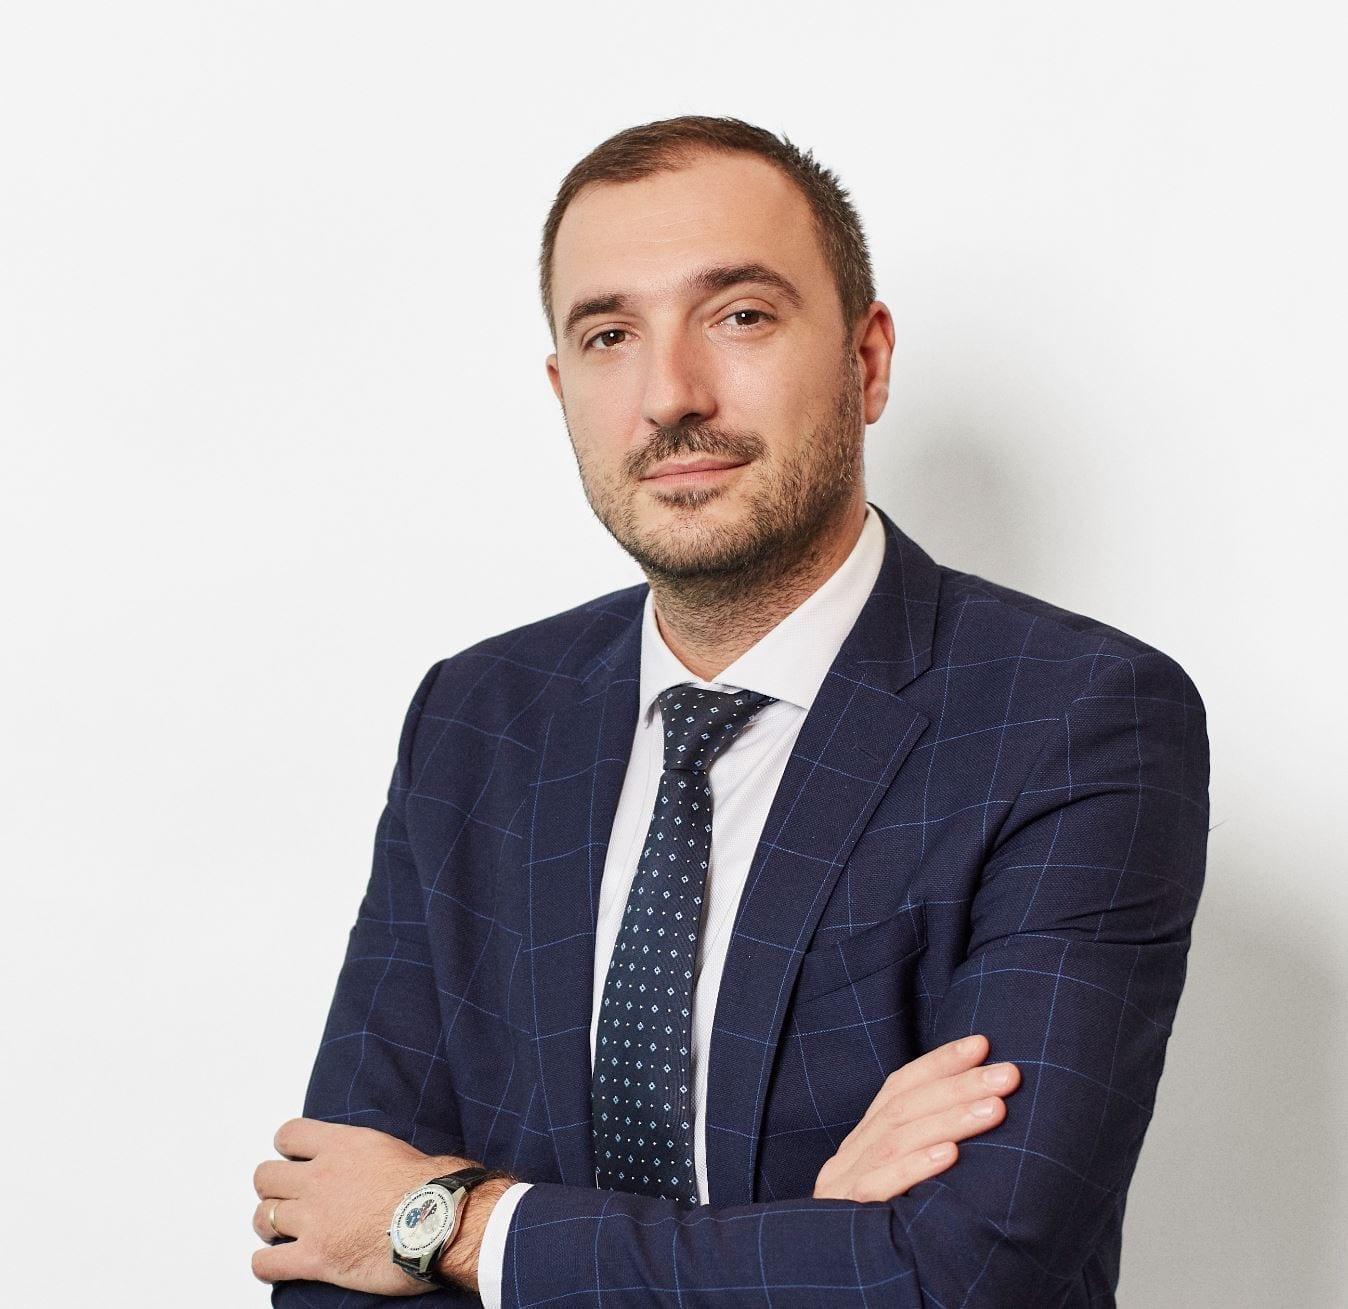 Andrei Brinzea CW Echinox - Piața spațiilor industriale și logistice din România, în competiția dezvoltării cu marii campioni regionali